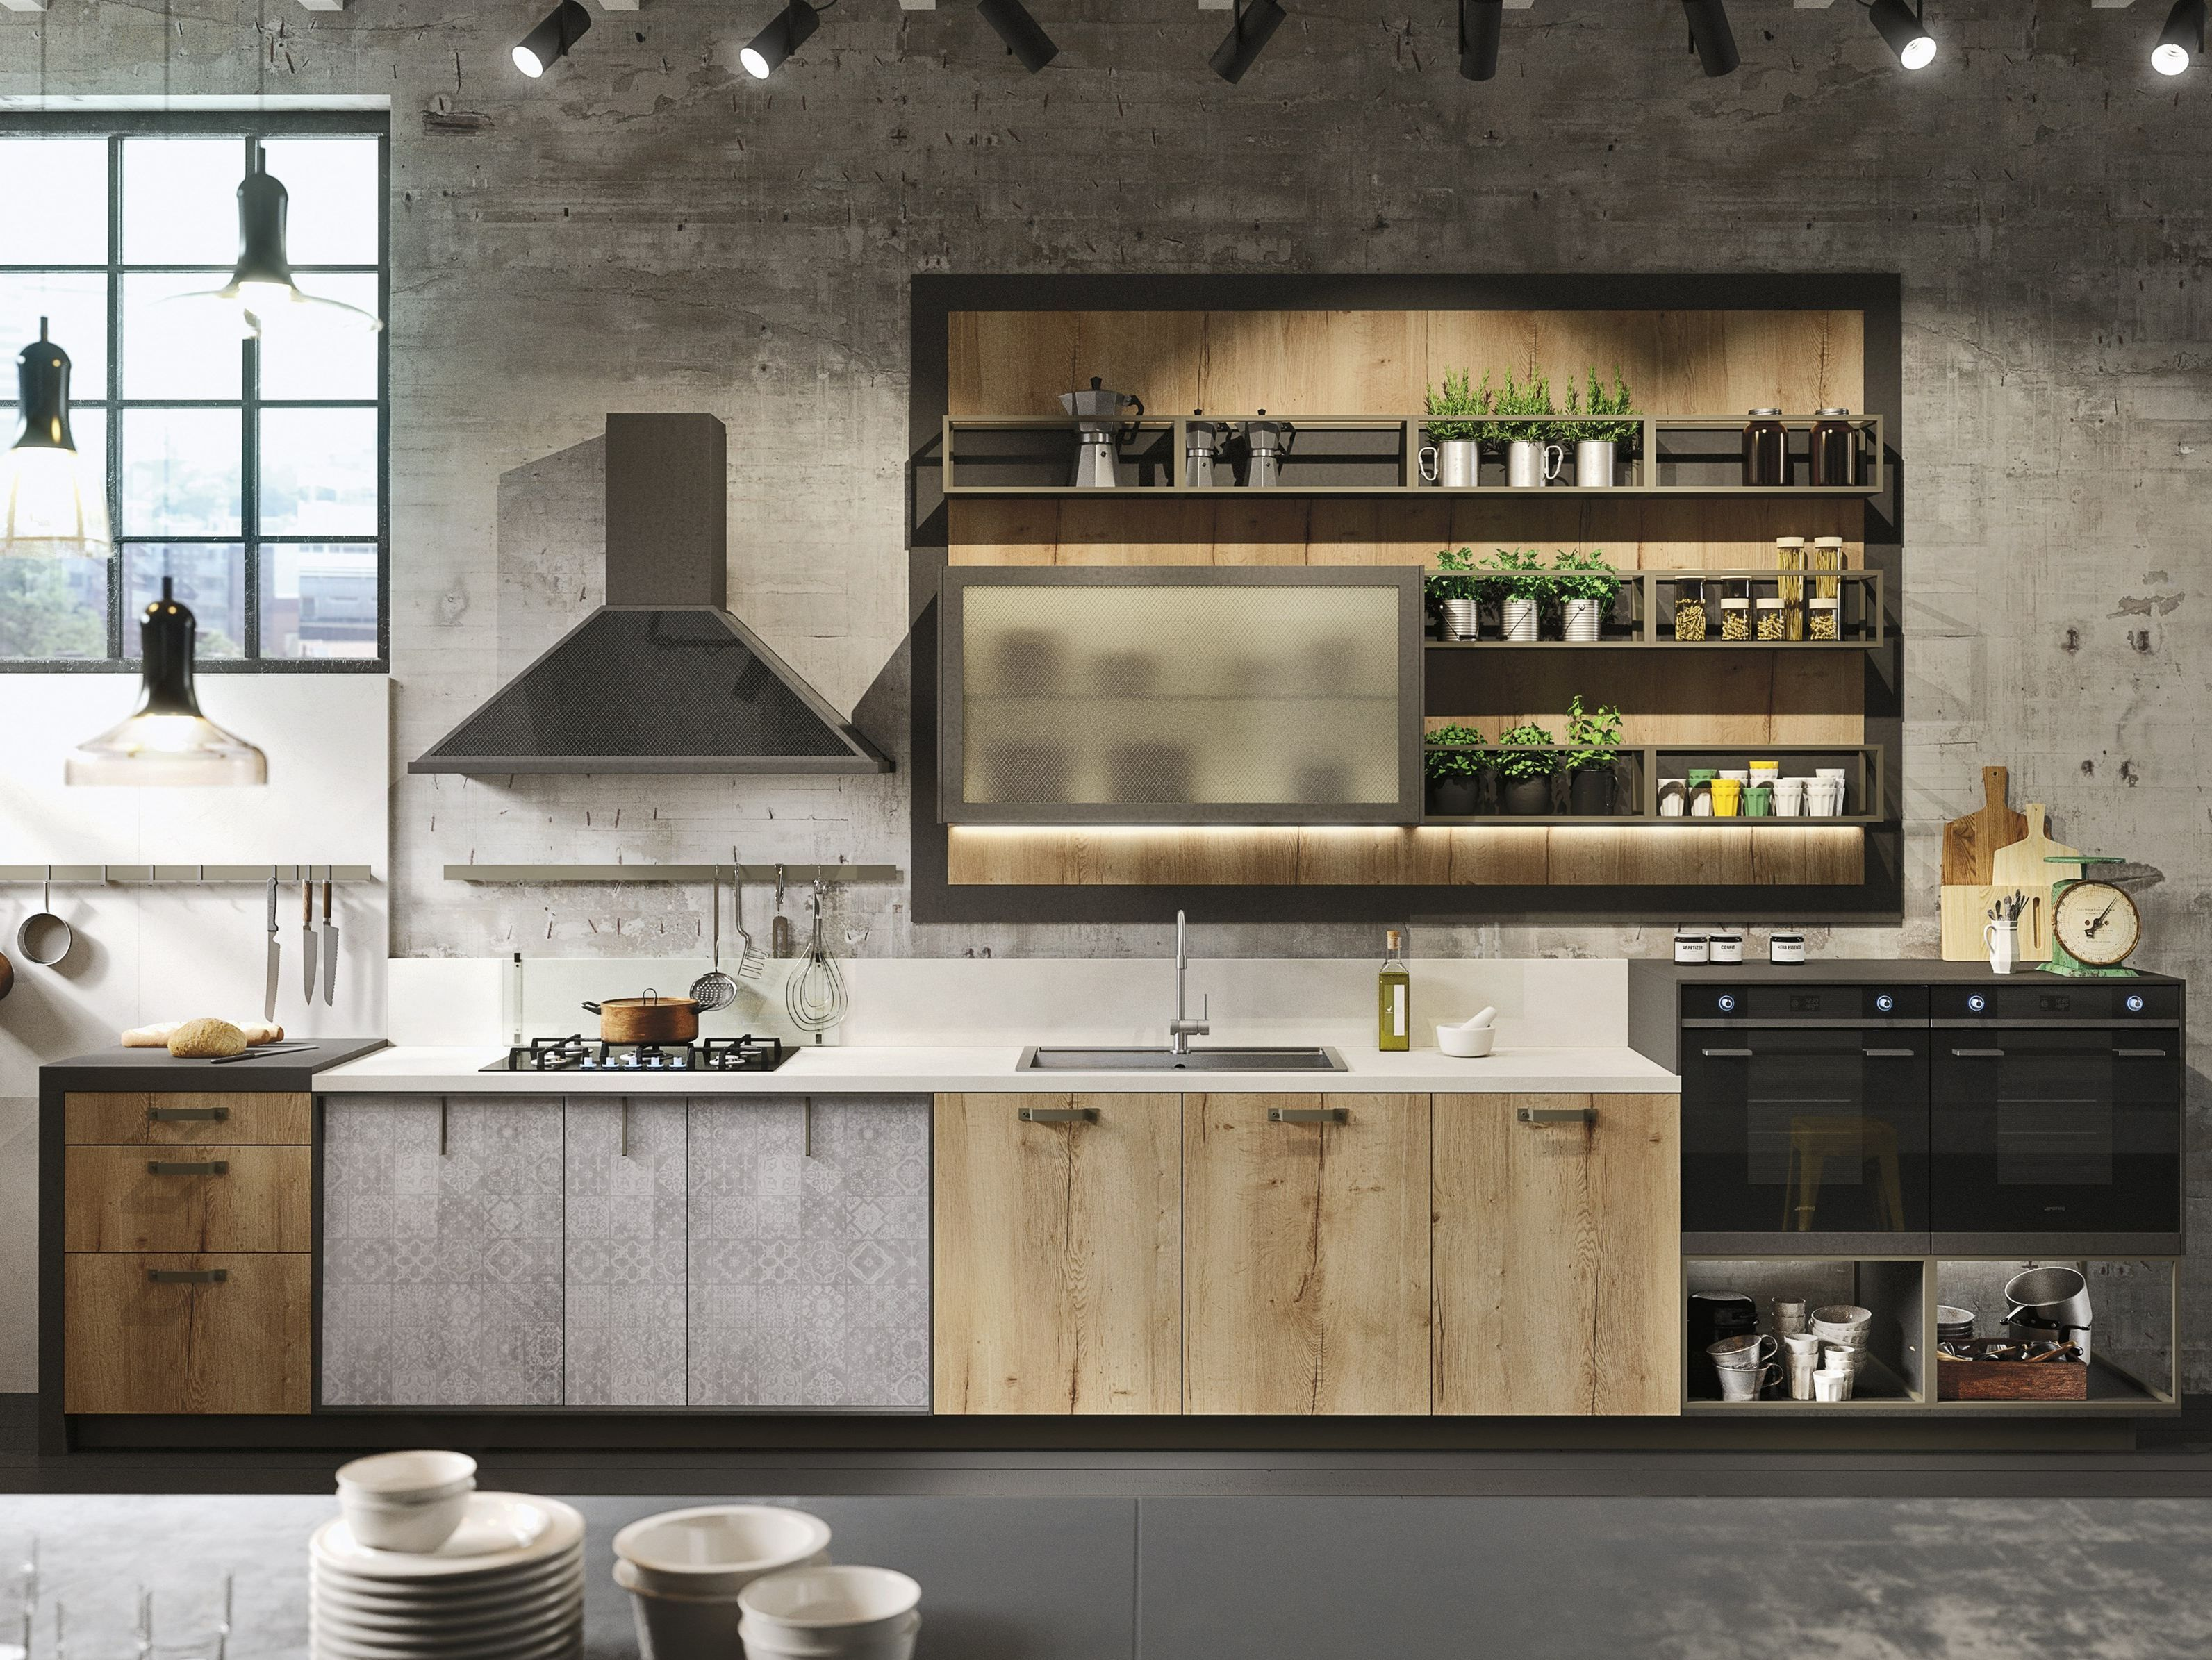 LOFT Cocina lineal Colección SISTEMA by Snaidero diseño Michele ...